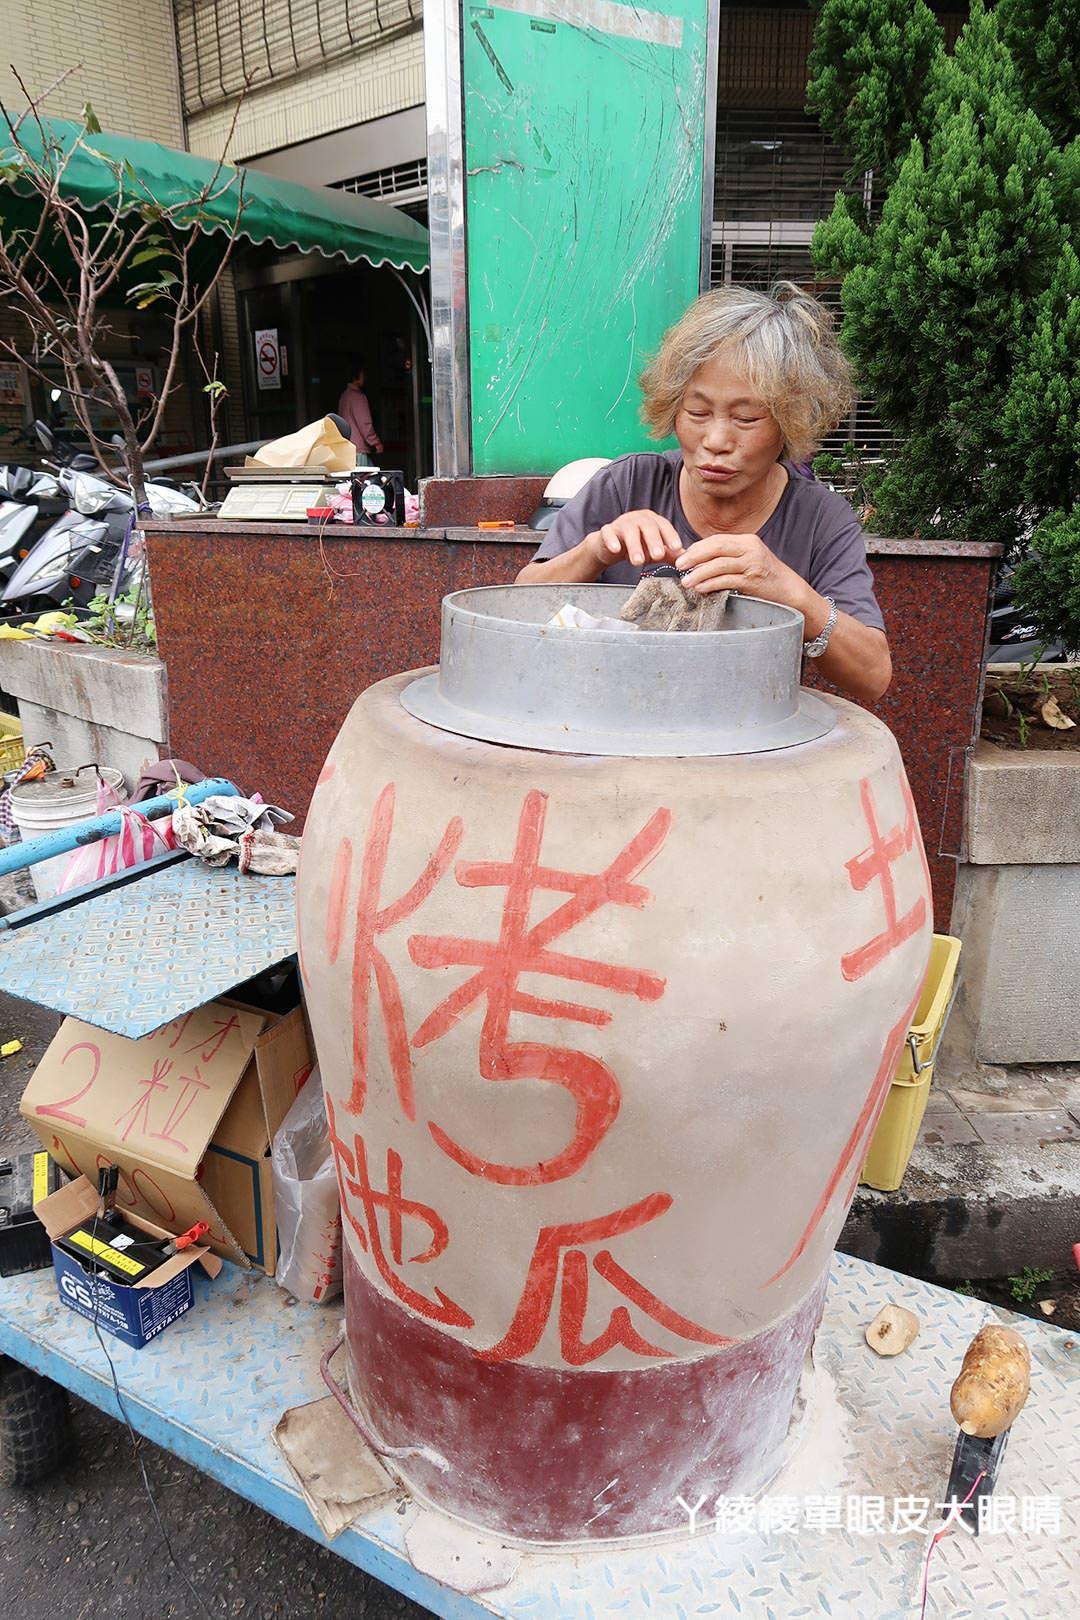 新竹地瓜阿嬤甕烤地瓜|八十歲獨自扶養兩個年幼孫女,網友們的愛心讓阿嬤內心暖呼呼